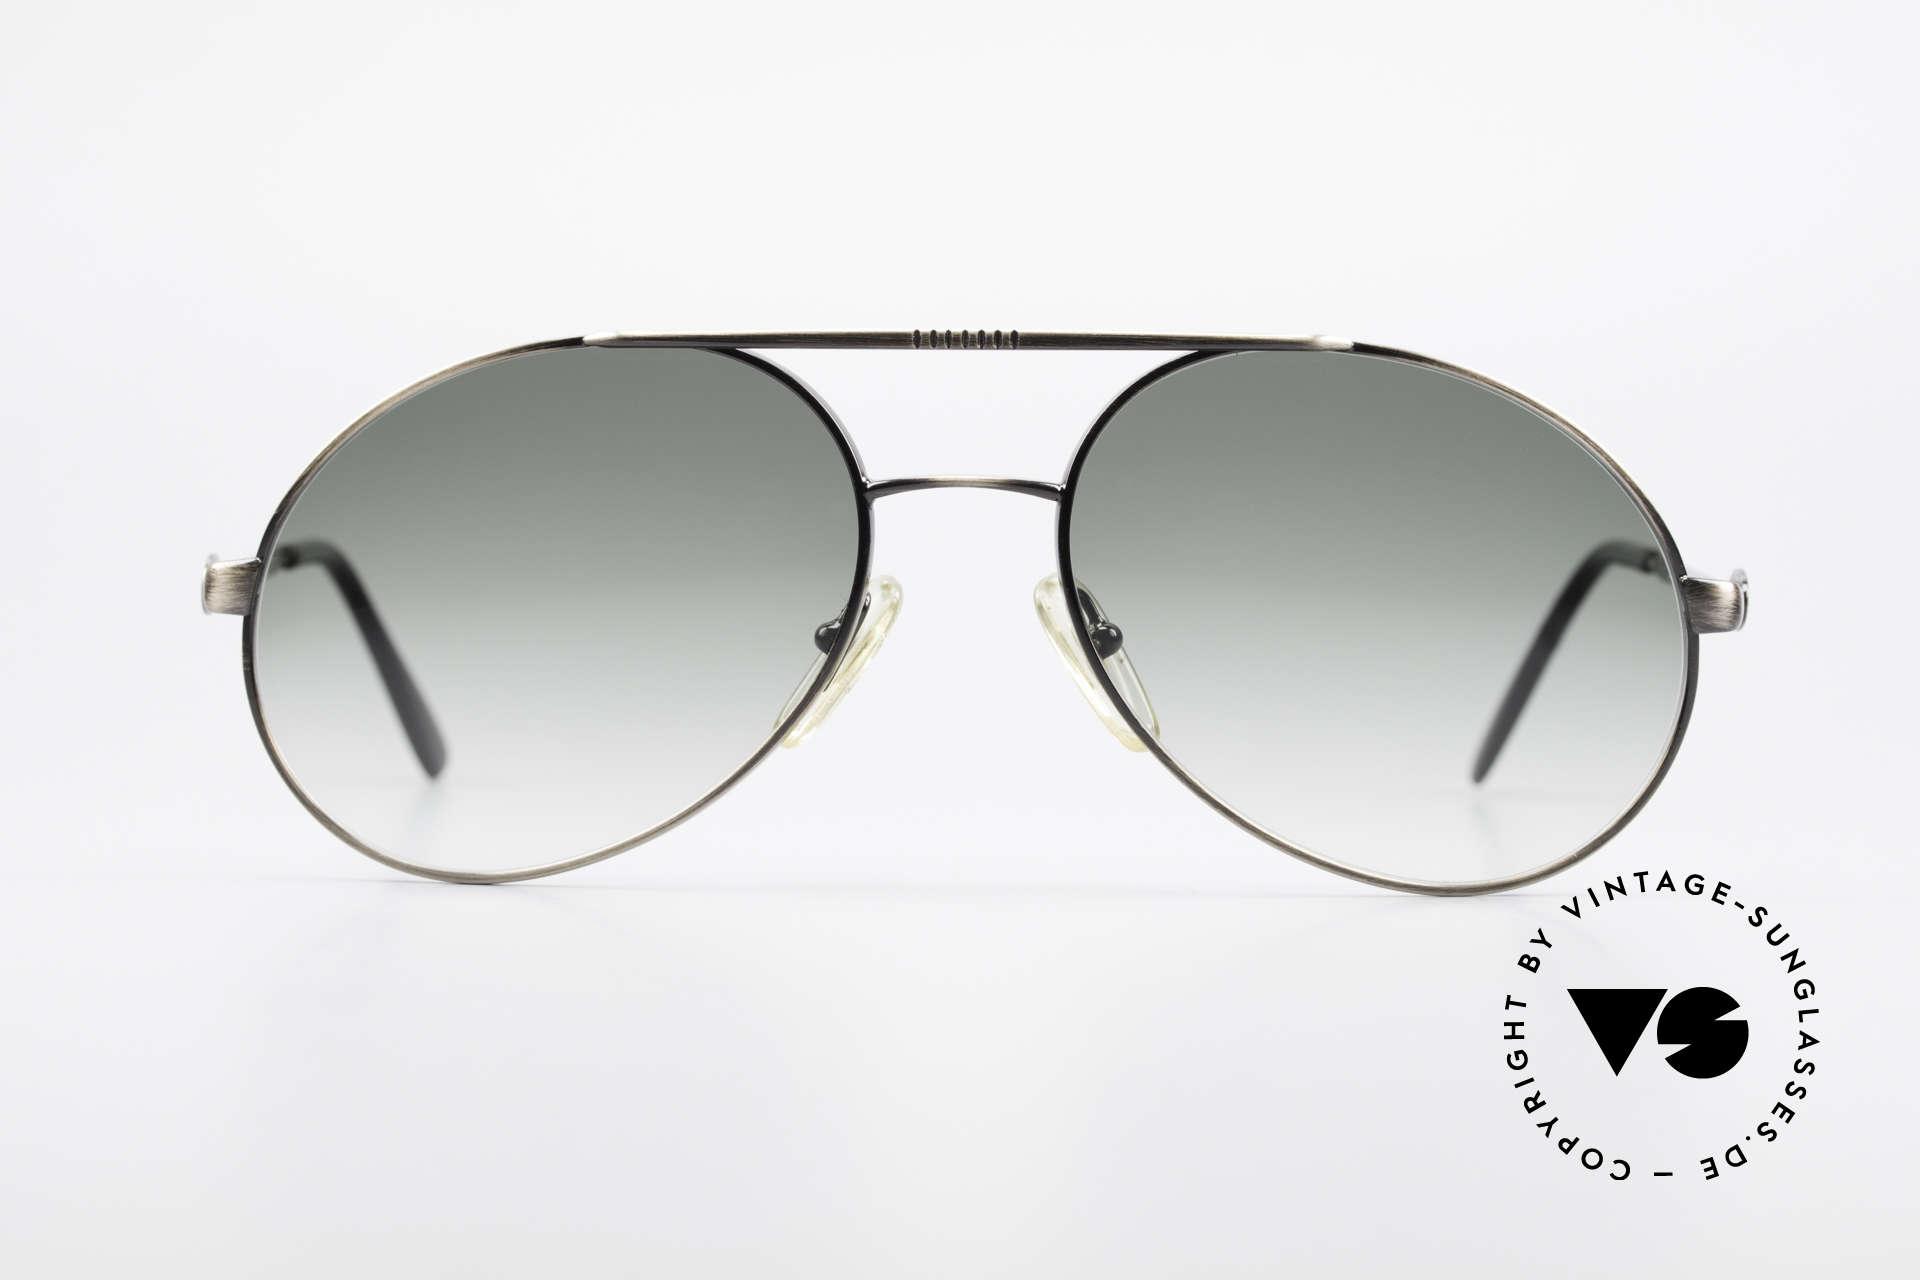 Bugatti 65282 Vintage Herrensonnenbrille, außergewöhnlicher Farbton (anthrazit / antik metall), Passend für Herren